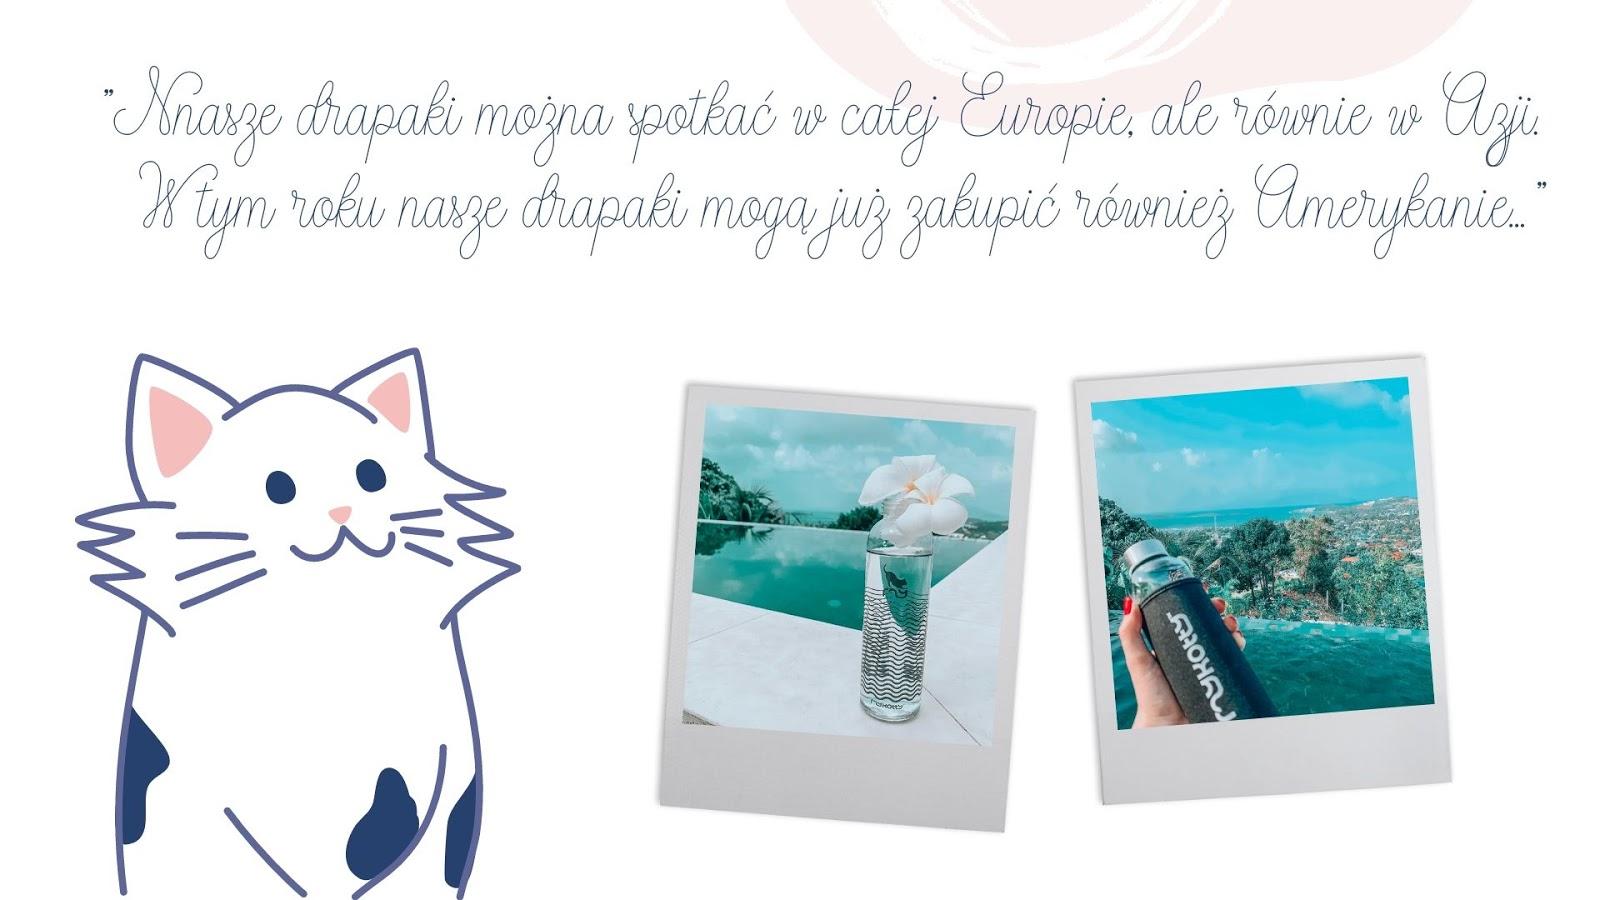 10 drapaki ekologiczne dla kota poduszki polska marka gdzie kupić zabawki gadżety dla kota dla kociarzy poduszki naturalne wypełnienie dla kotów butelki miski mykotty cena opinia